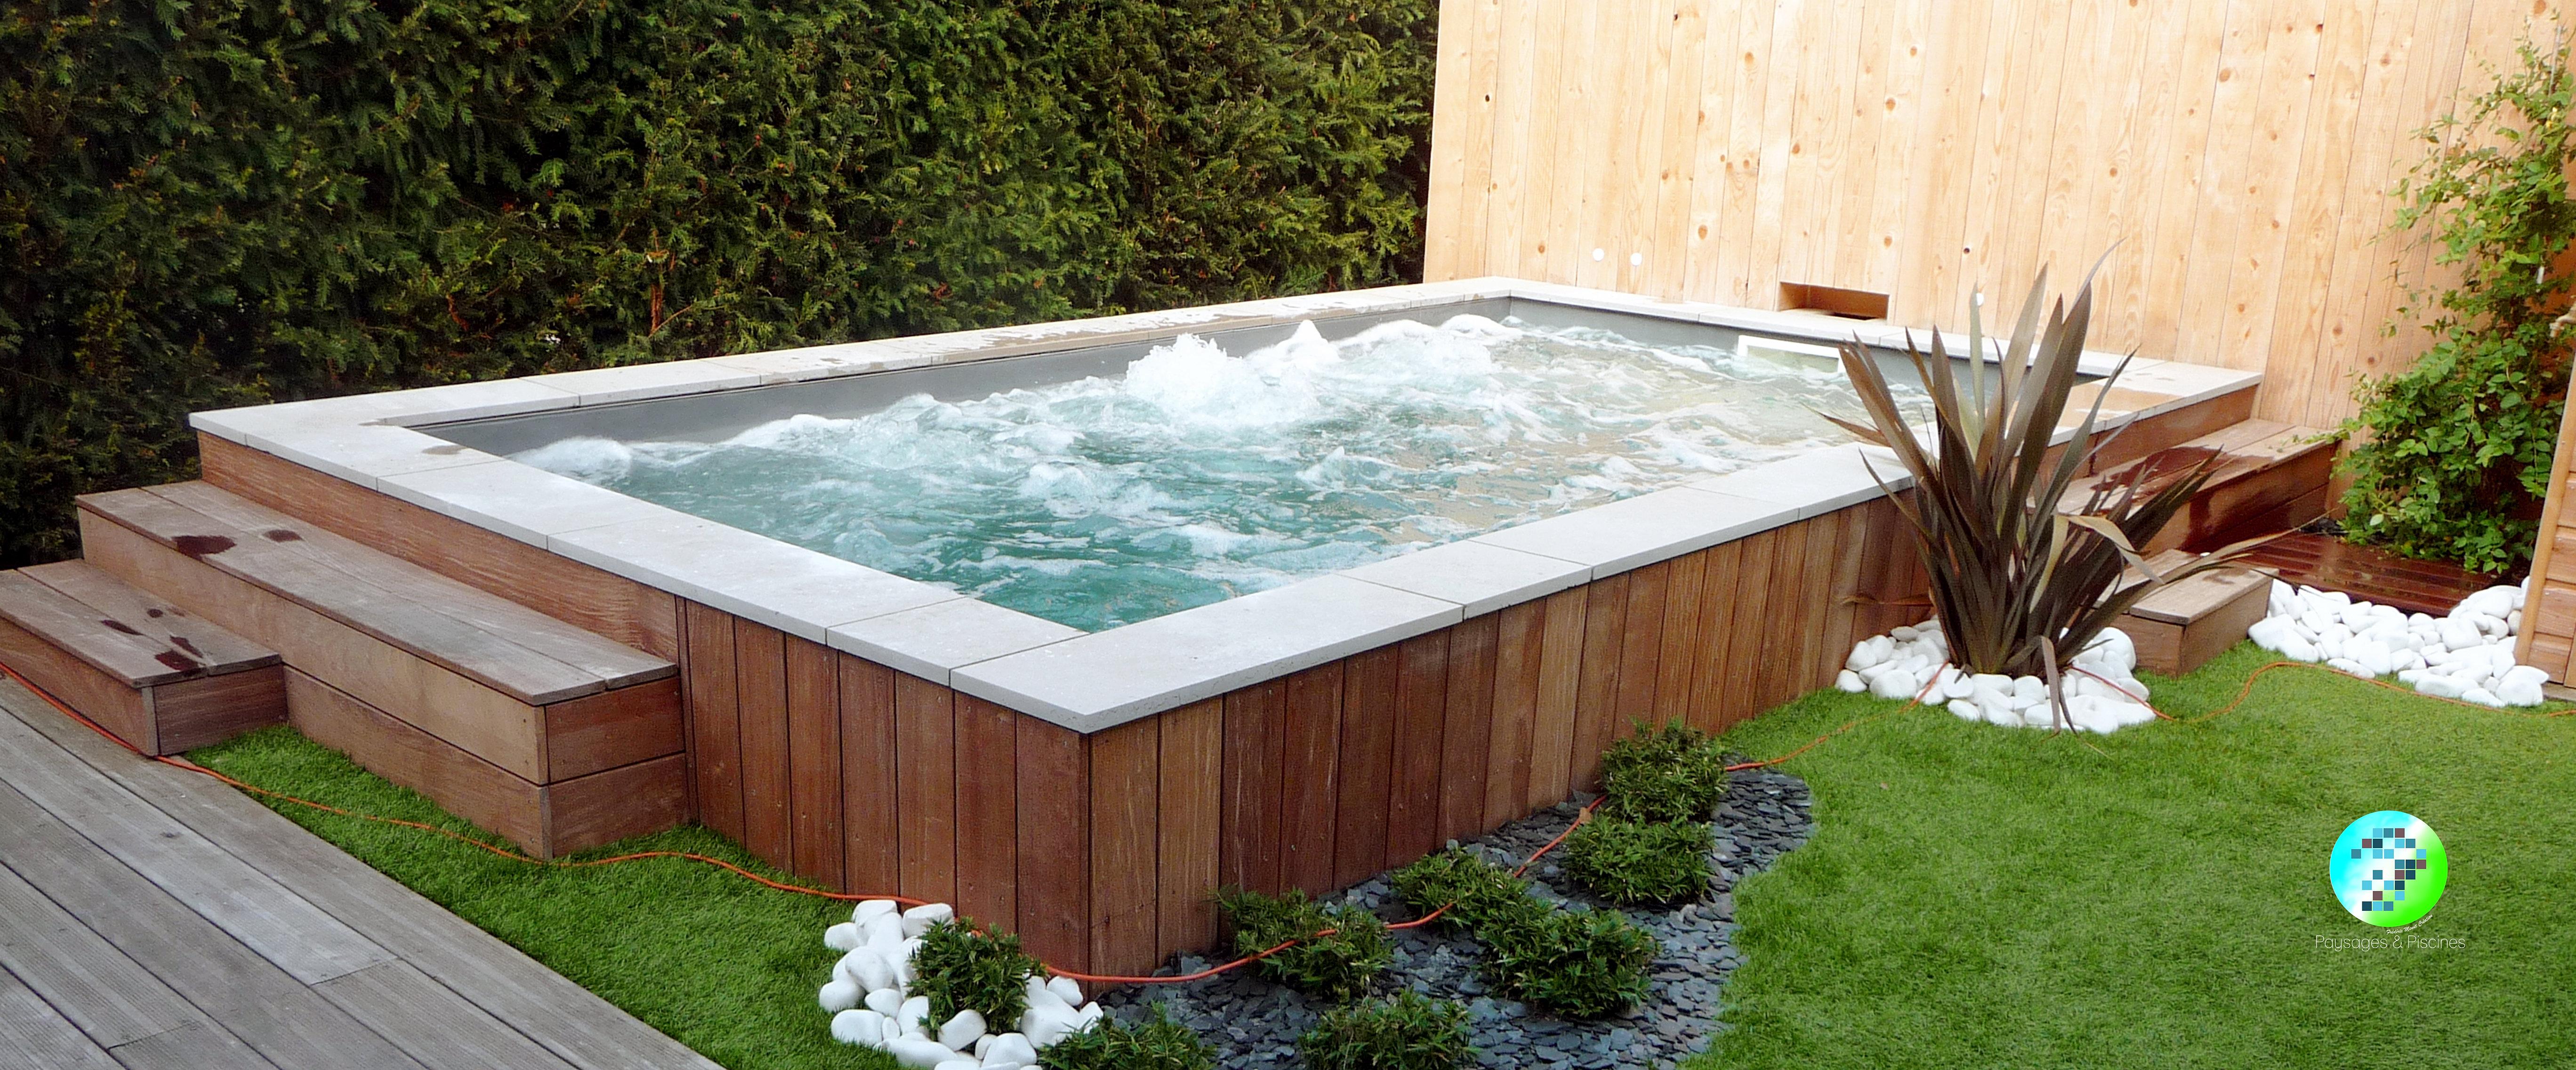 Paysages et piscines paysagiste lyon accueil piscine for Piscine bois lyon